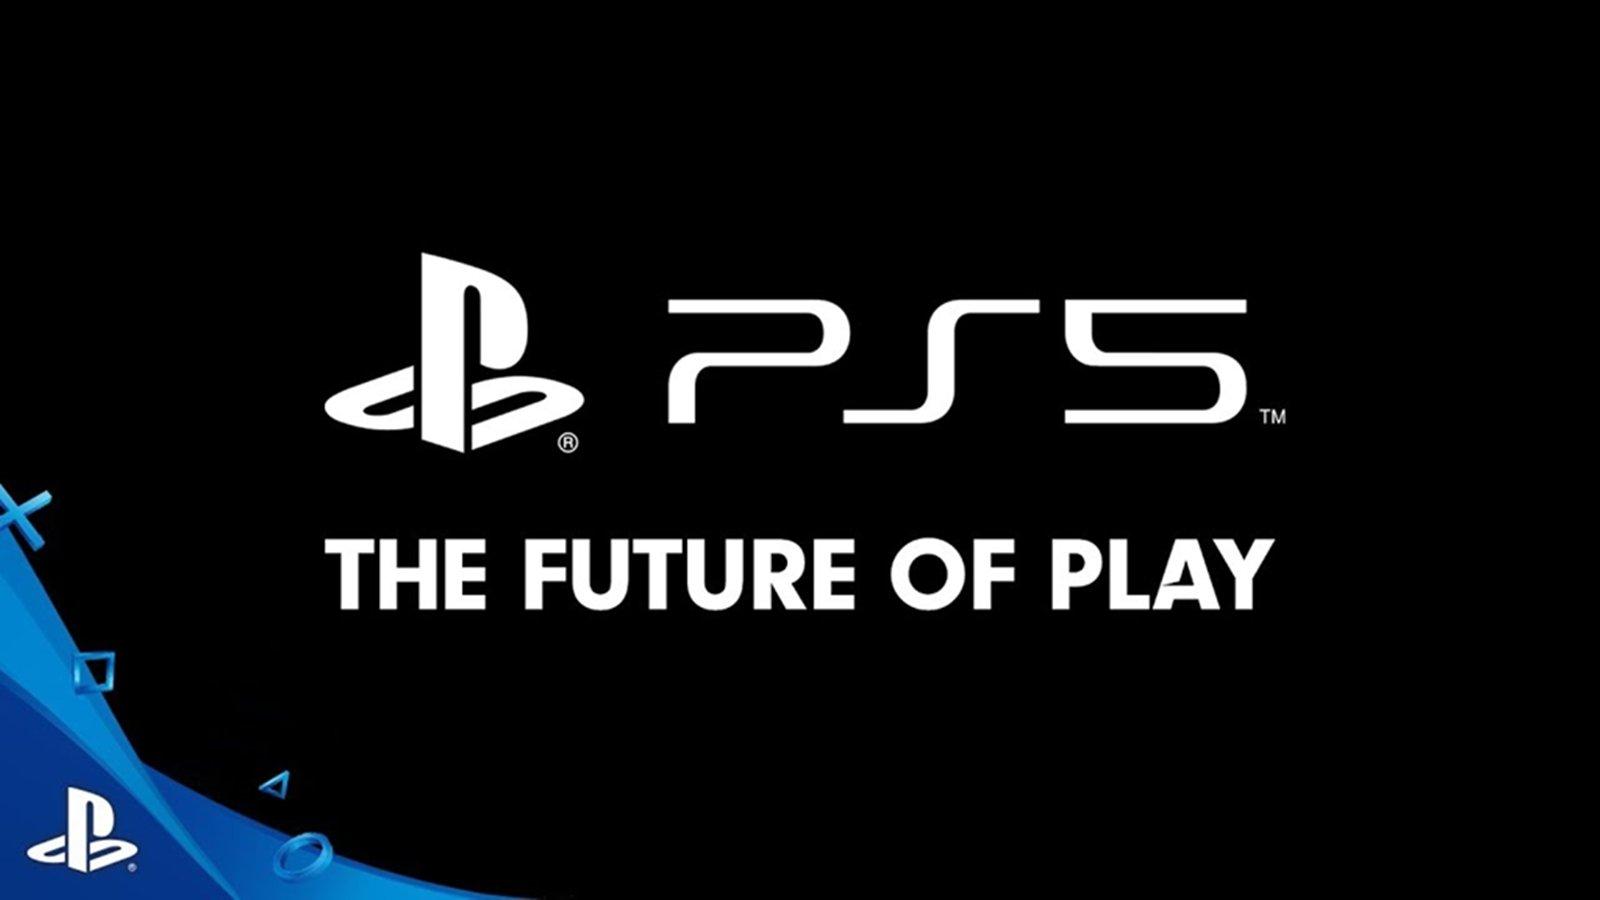 Jogos: Por que tanta hype no PlayStation 5?